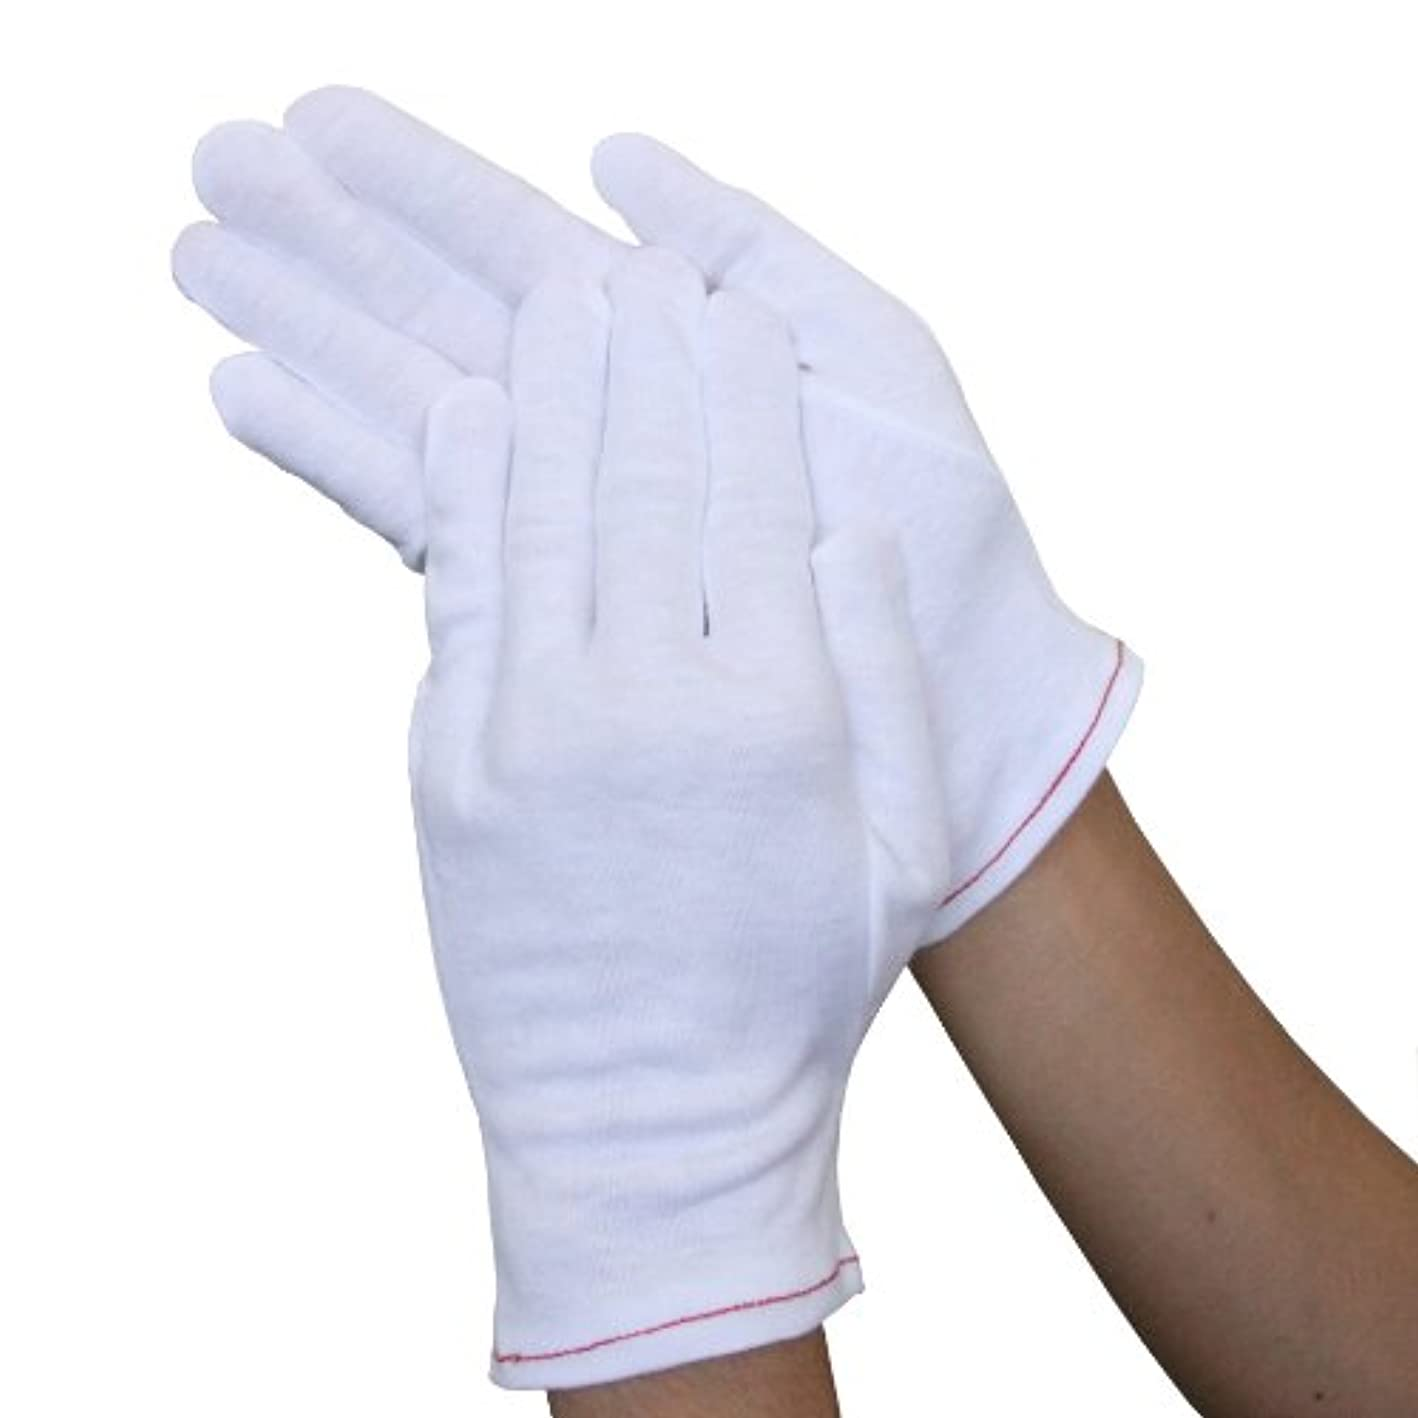 犬うるさい反動ウインセス 【心地よい肌触り/おやすみ手袋】 綿100%手袋 (1双) (LL)